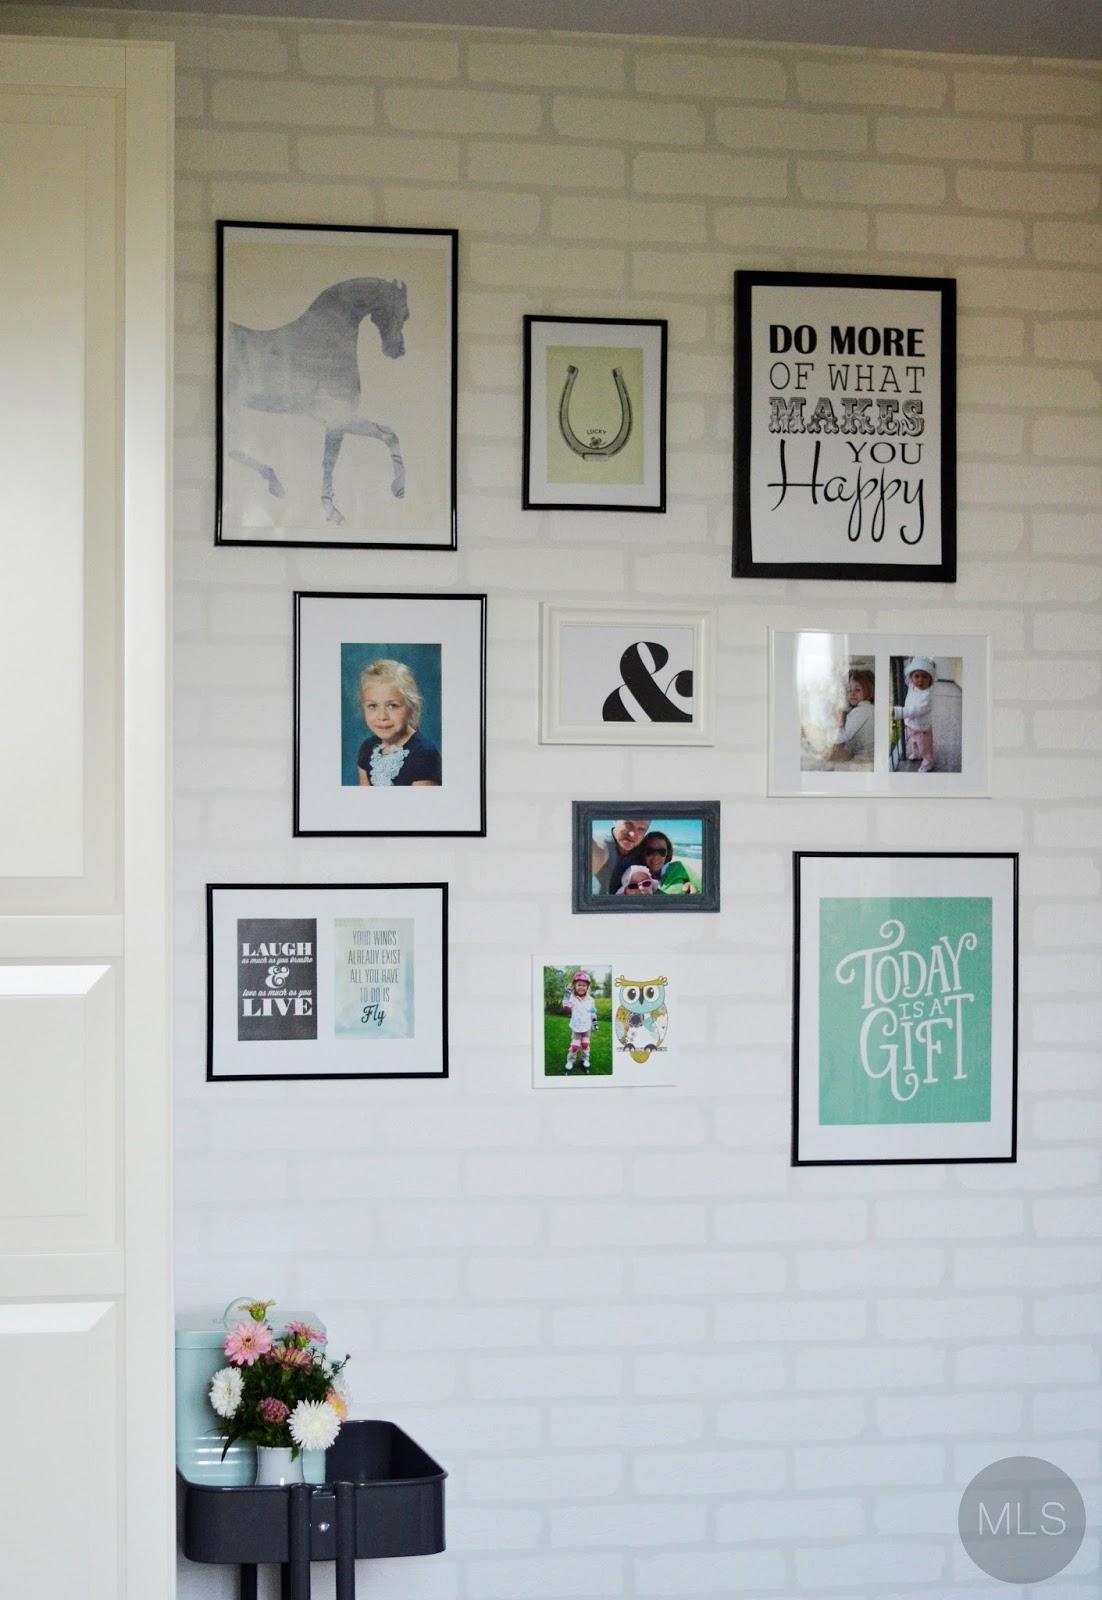 Pokój nastolatki - kolor i galeria na ścianie